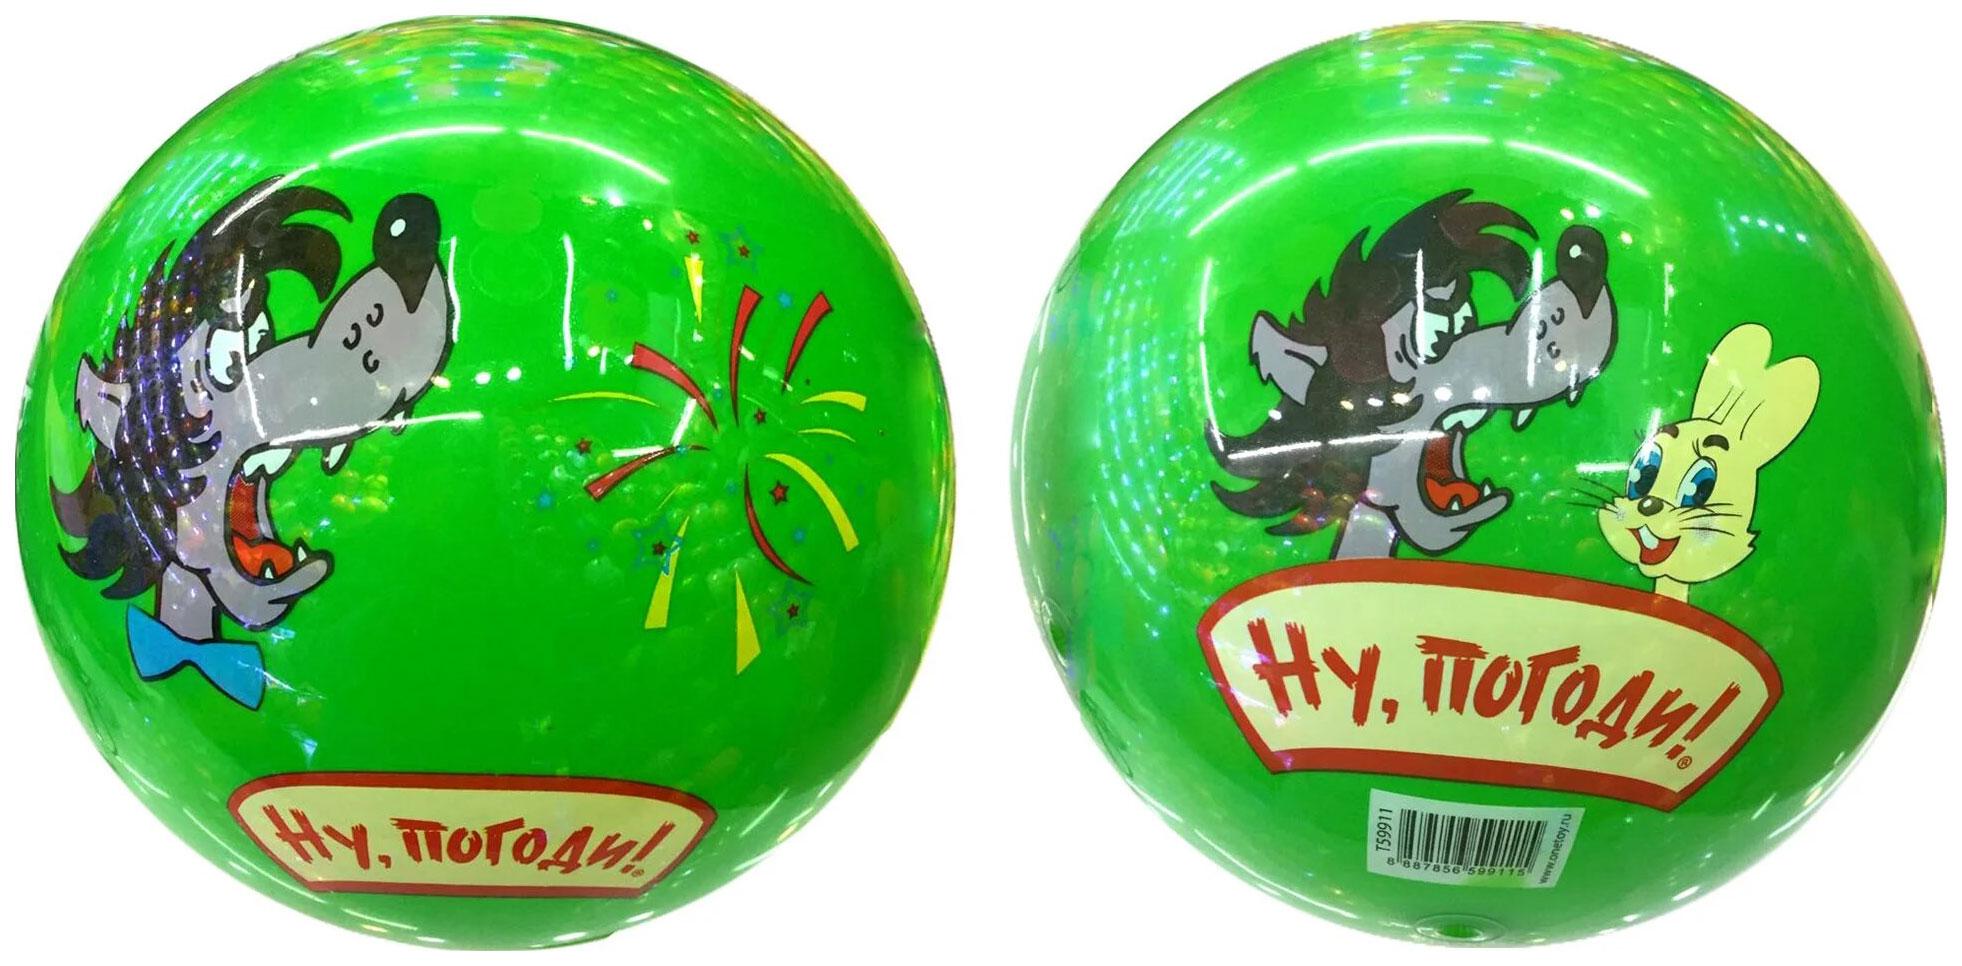 Купить Мячик детский 1Toy Ну, Погоди Т59911, 1 TOY,